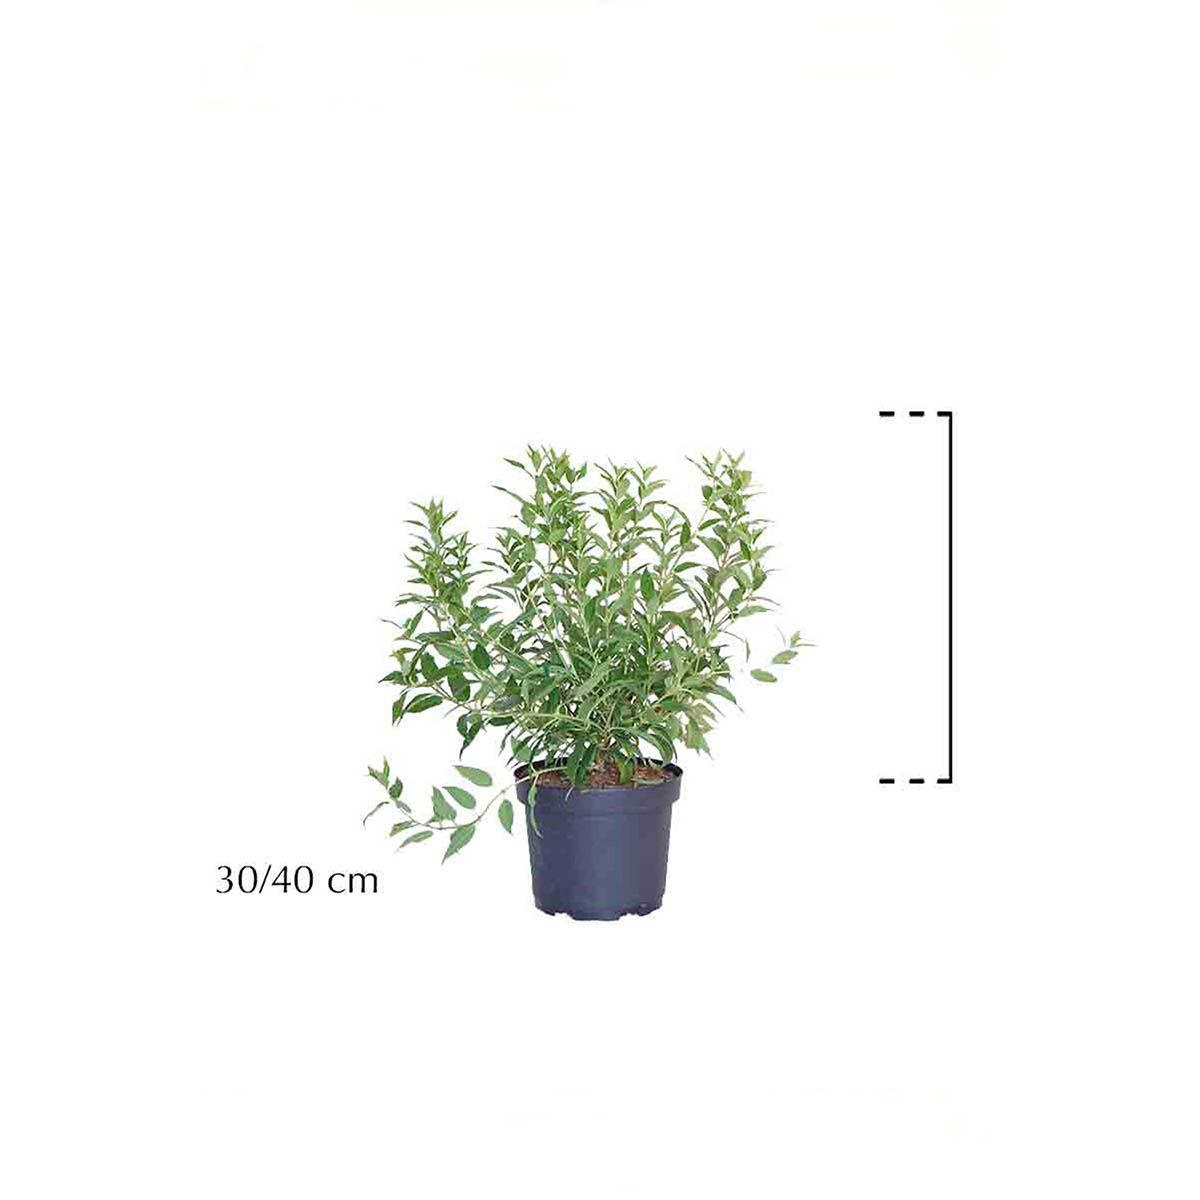 Zierliche Deutzie Topf 30-40 cm